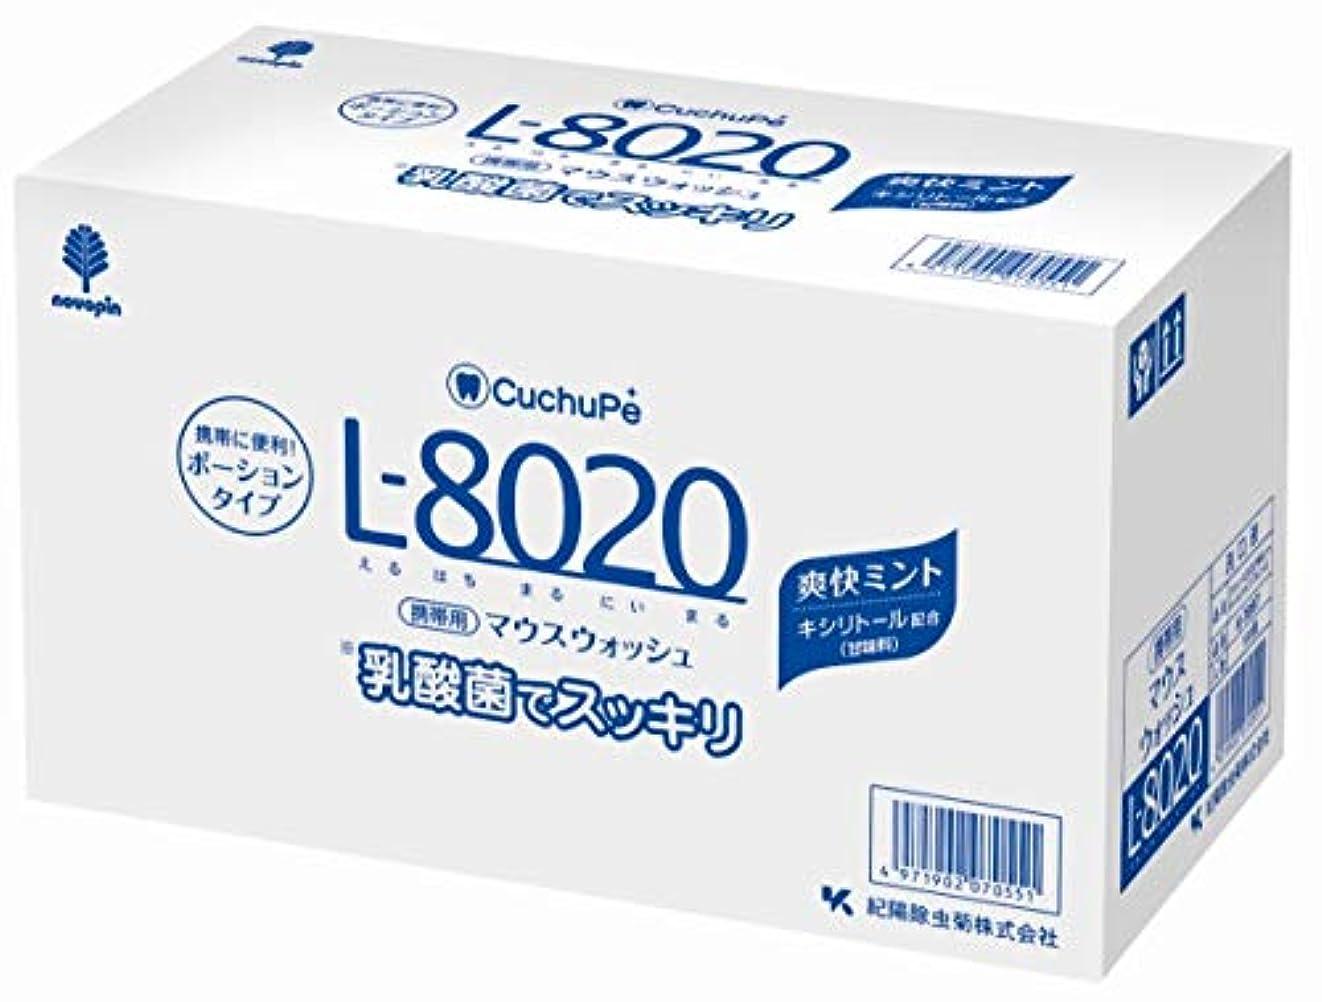 扱うクラス良さ日本製 made in japan クチュッペL-8020 爽快ミント ポーションタイプ100個入(アルコール) K-7097【まとめ買い10個セット】